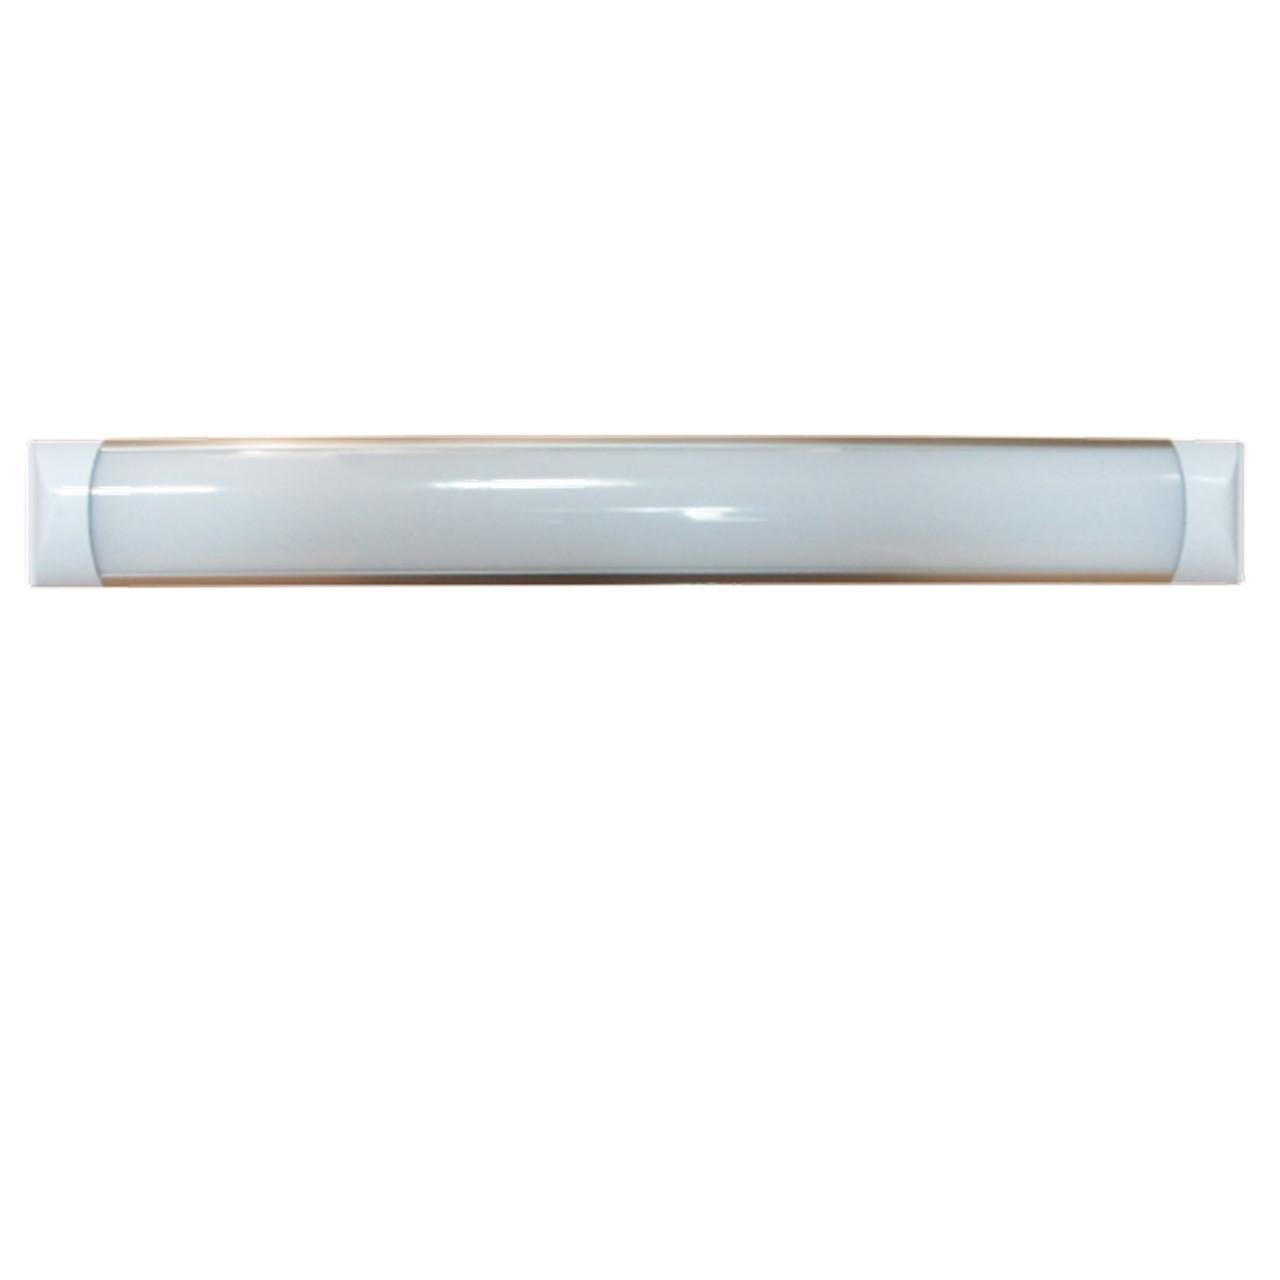 ДПО-600 18Вт 1400Лм 5000К/ 6500К линейный накладной светодиодный светильник IP20